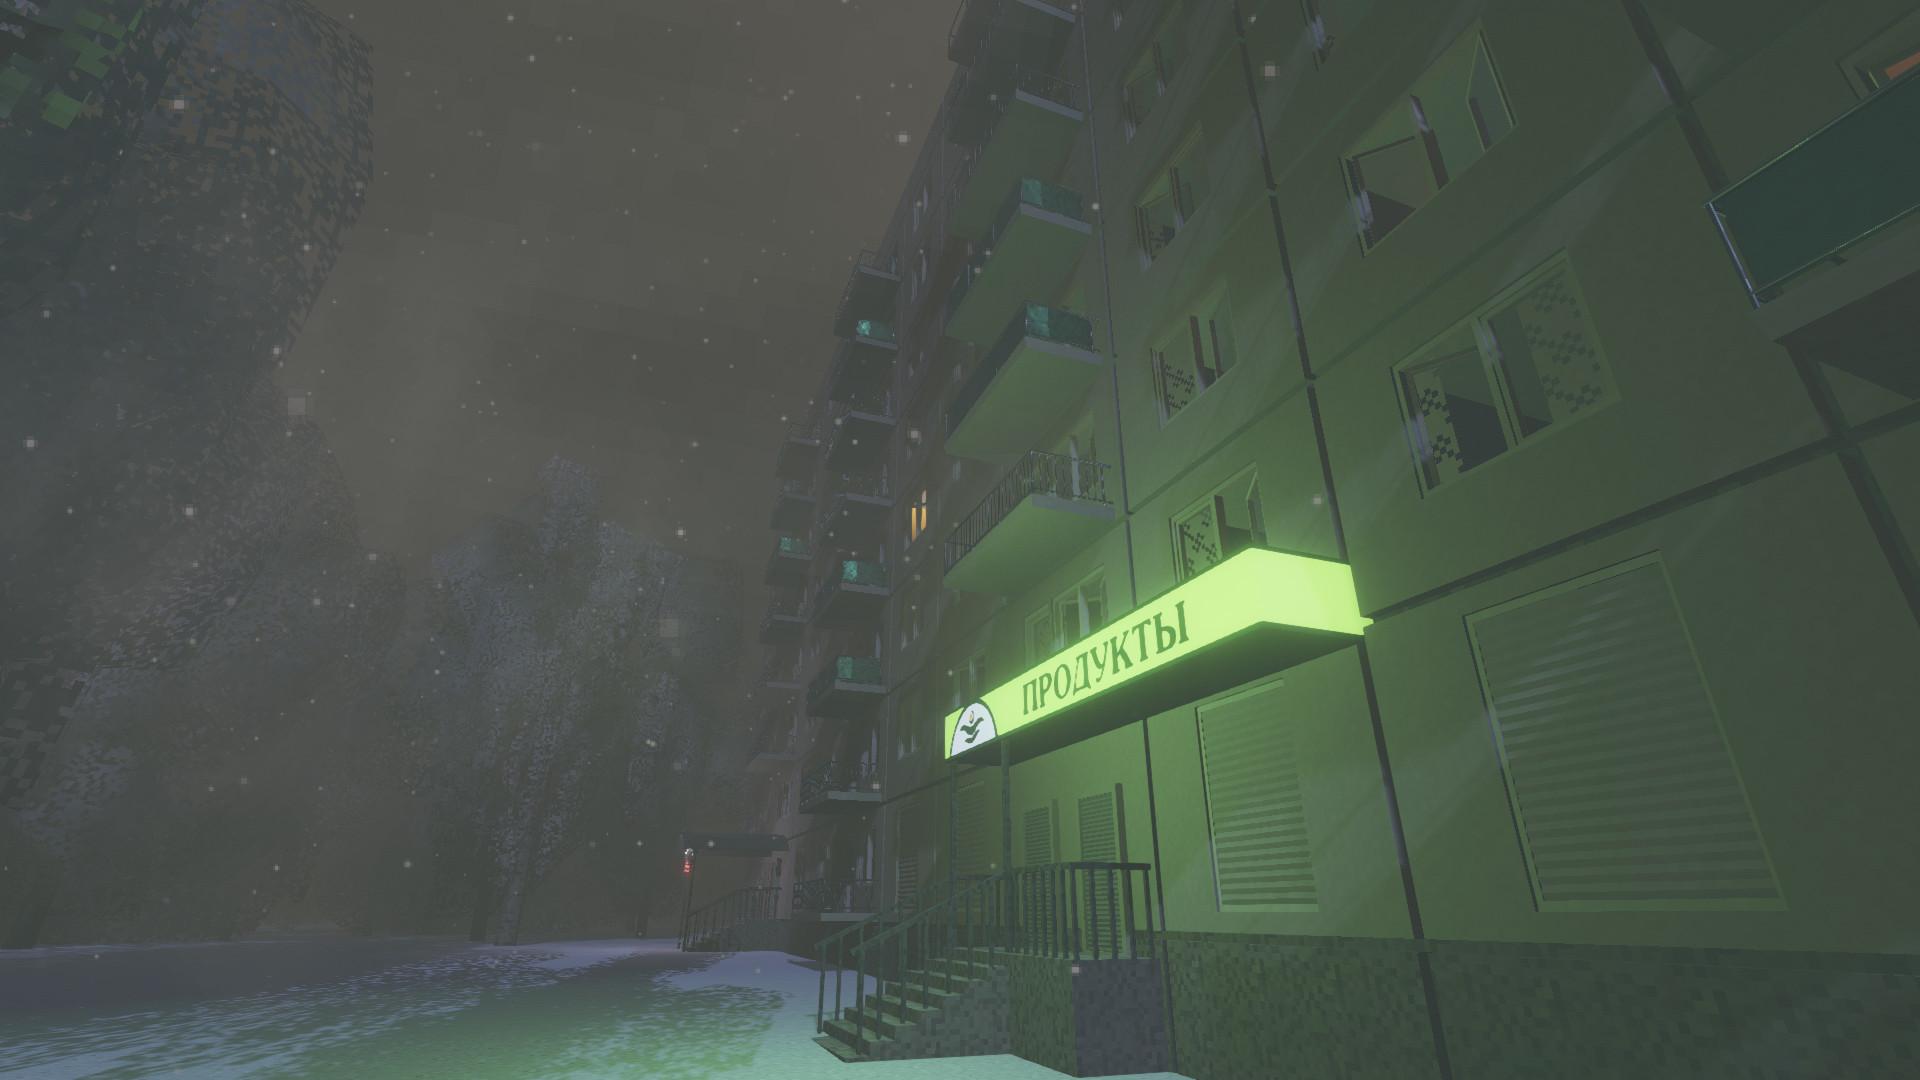 Prizor iz videoposnetka